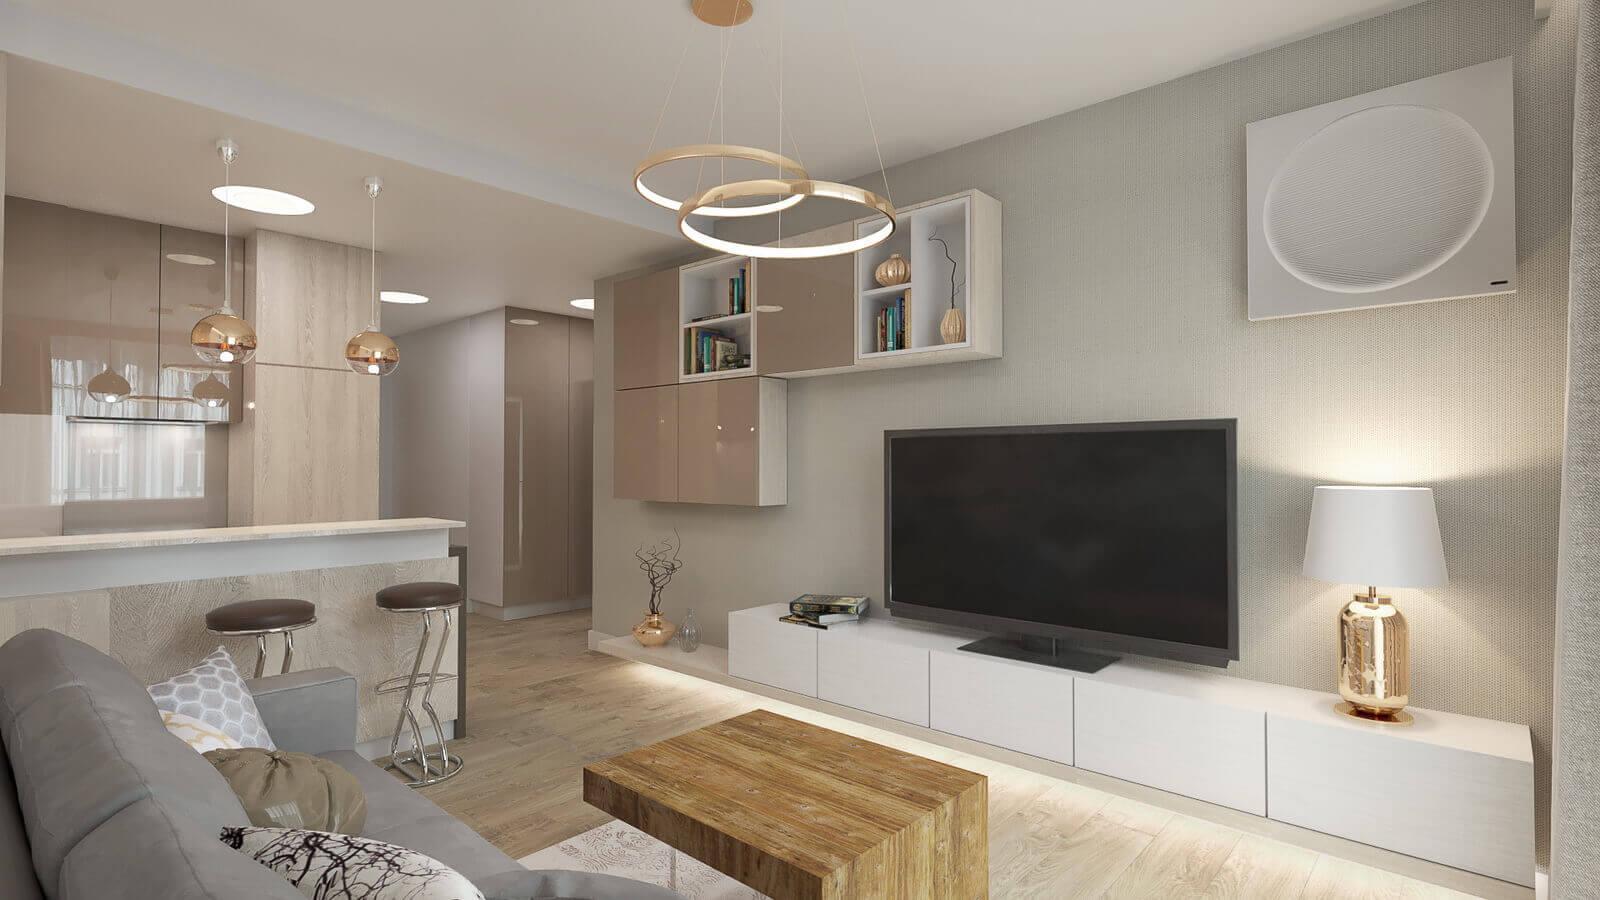 ZawickaID, Małe mieszkanie, Projekt salonu